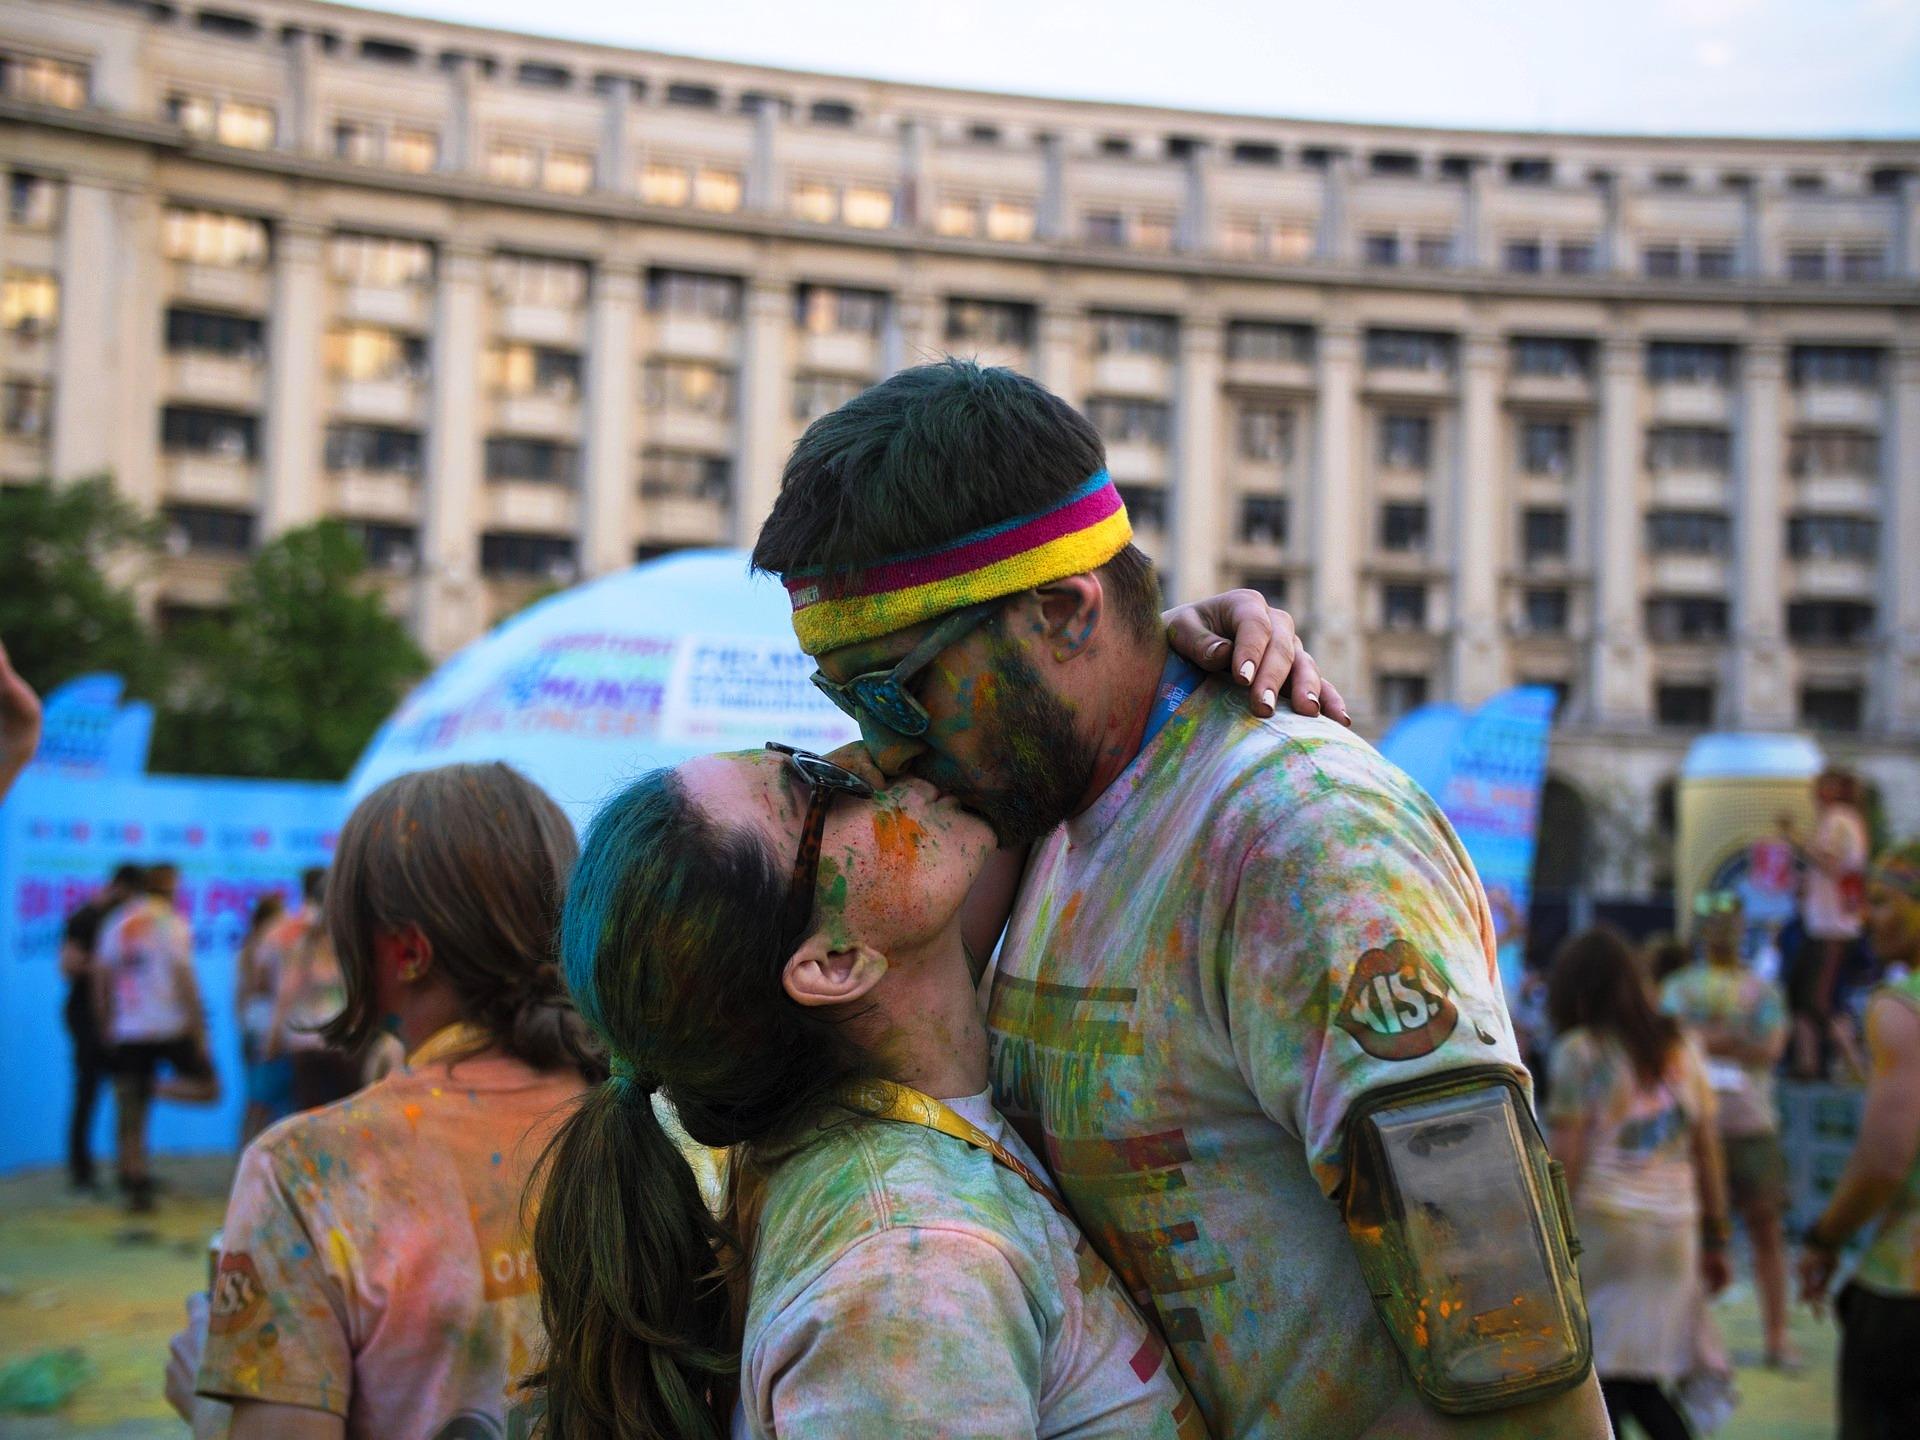 kiss-742229_1920.jpg?1543411378